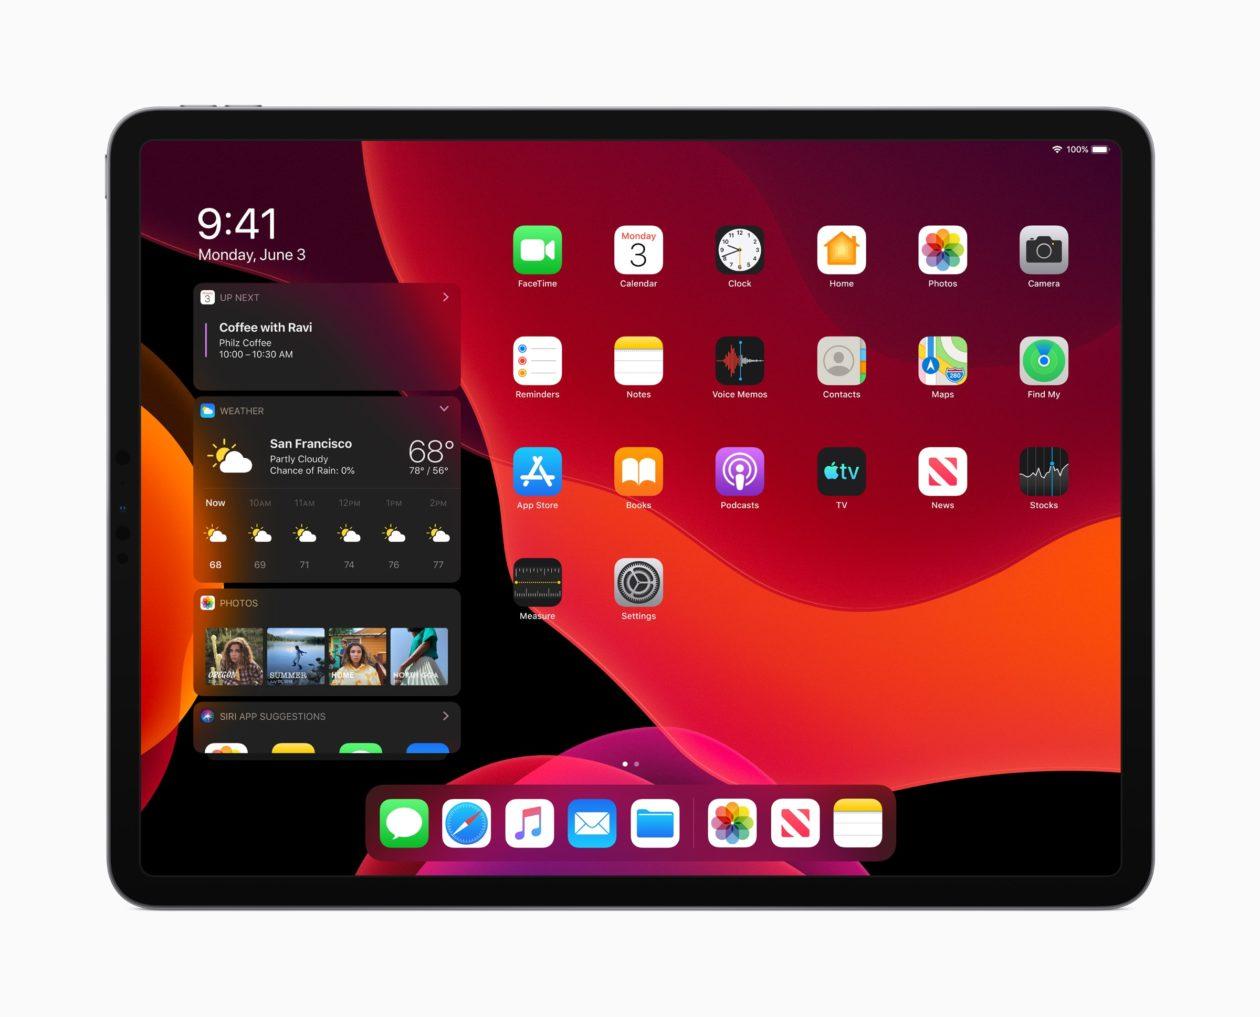 Tela inicial do iPad com Modo Escuro no iPadOS 13